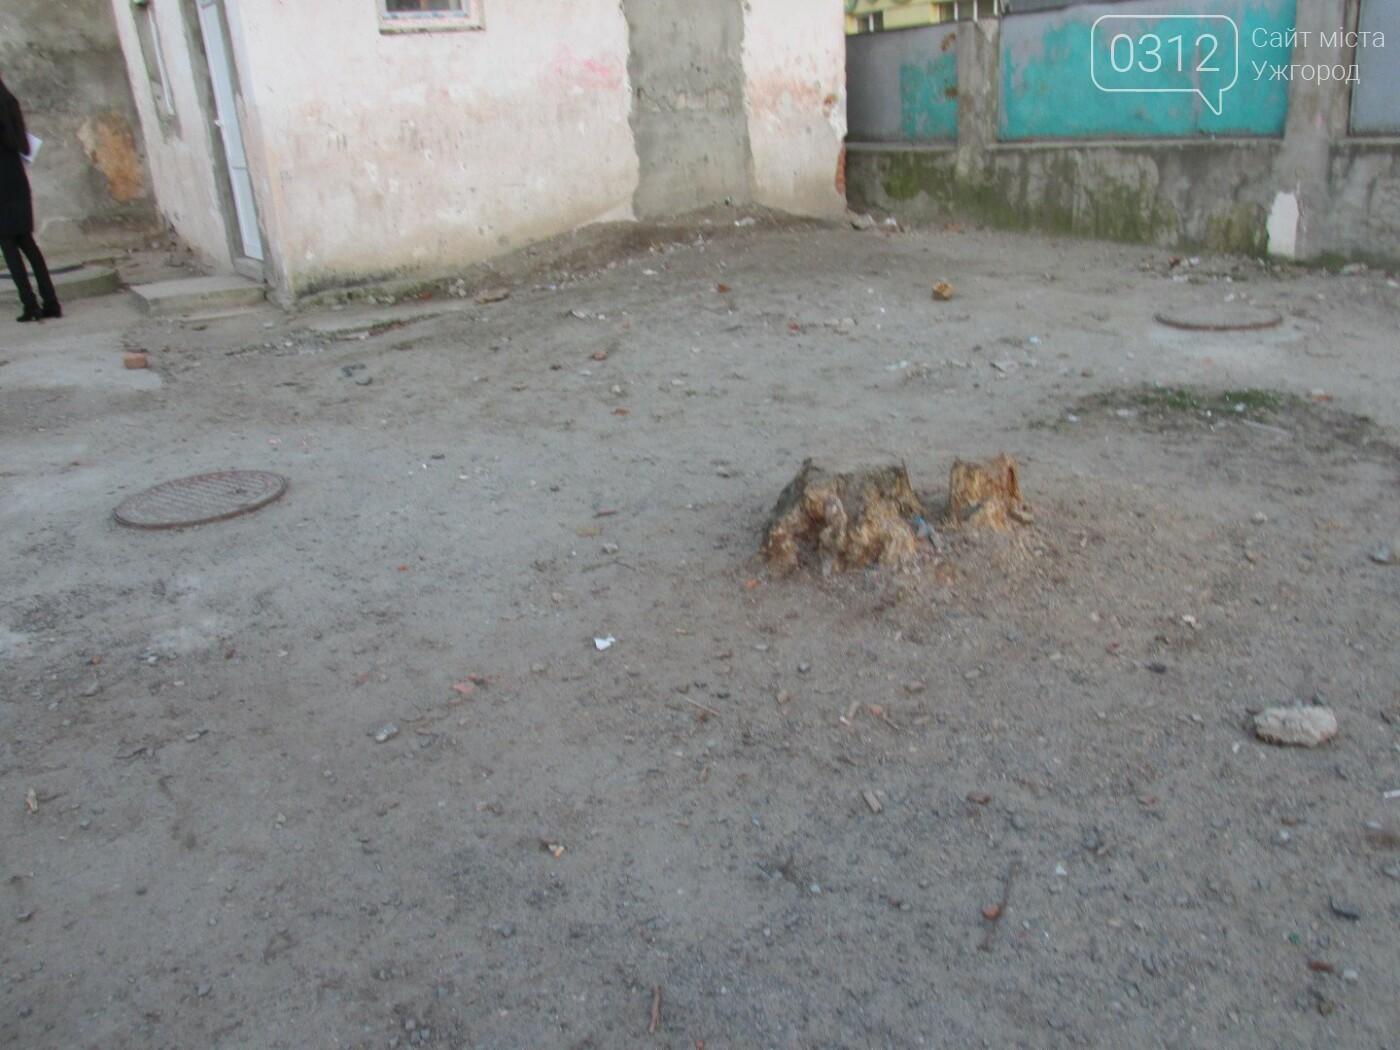 ТОП-20 громадських проектів, які не залишили ужгородців байдужими (СТАТИСТИКА на 27.03.2018), фото-22